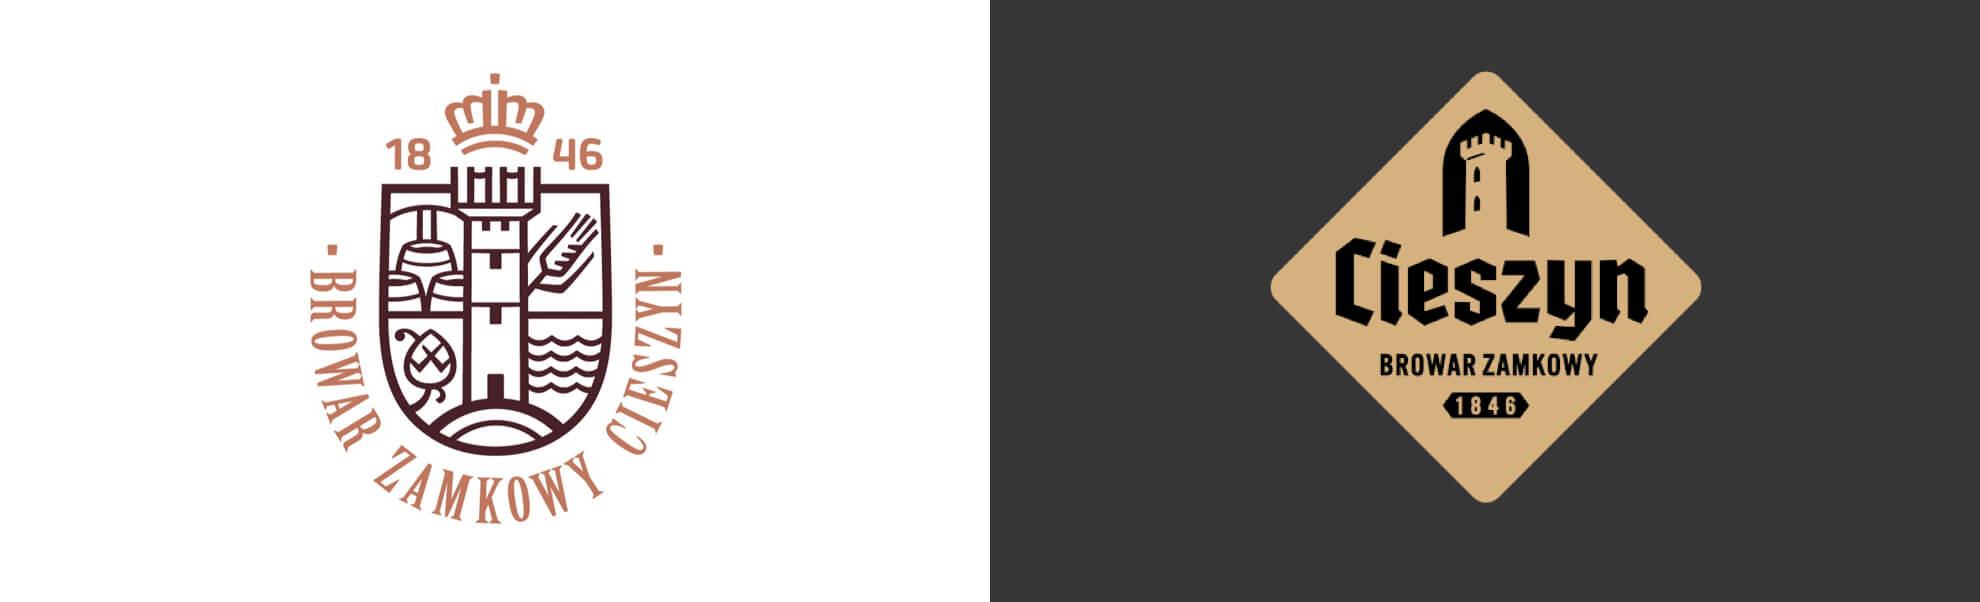 browar zamkowy wcieszynie znowym logo